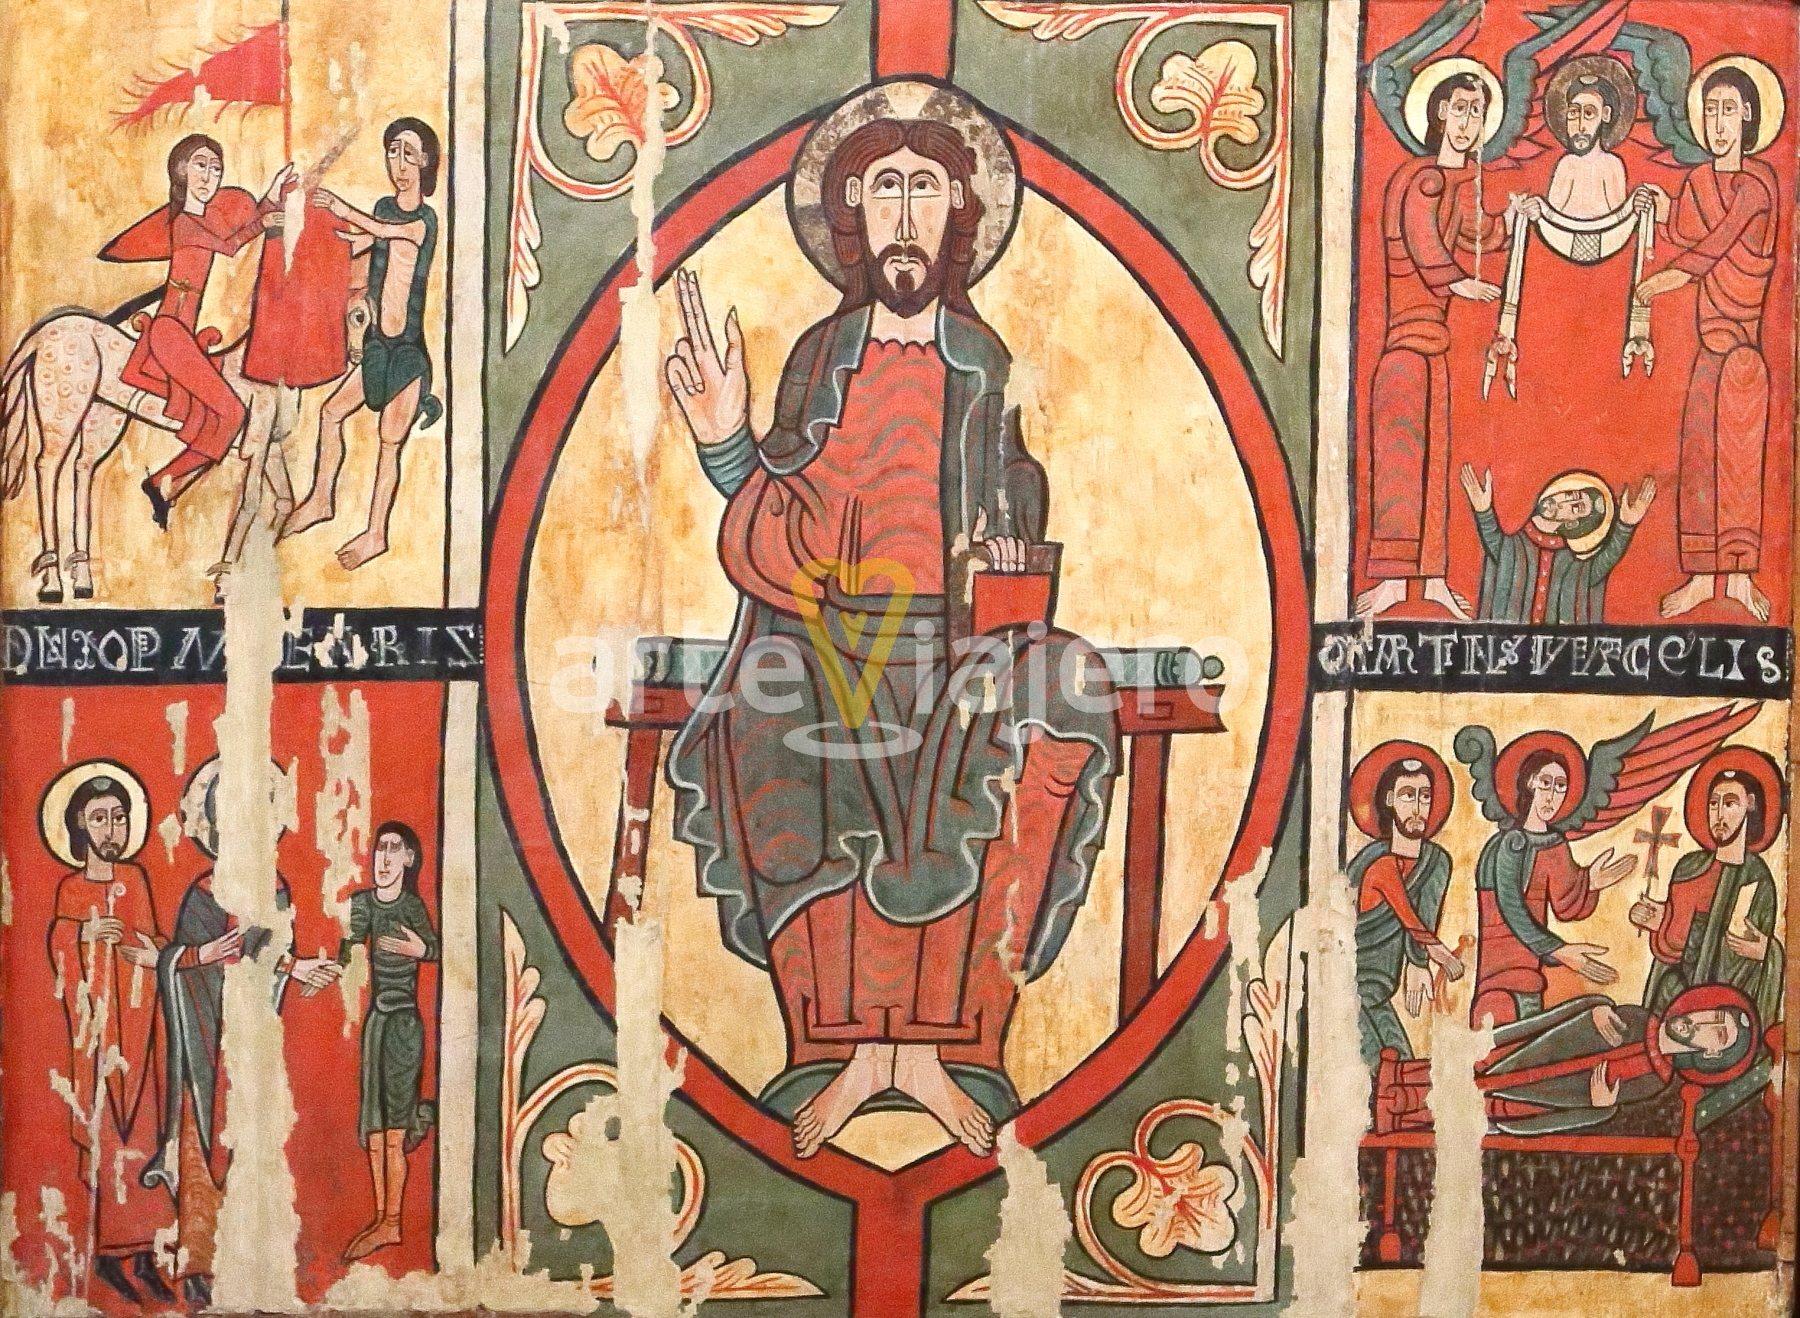 frontal de altar de sant martí de puigbò